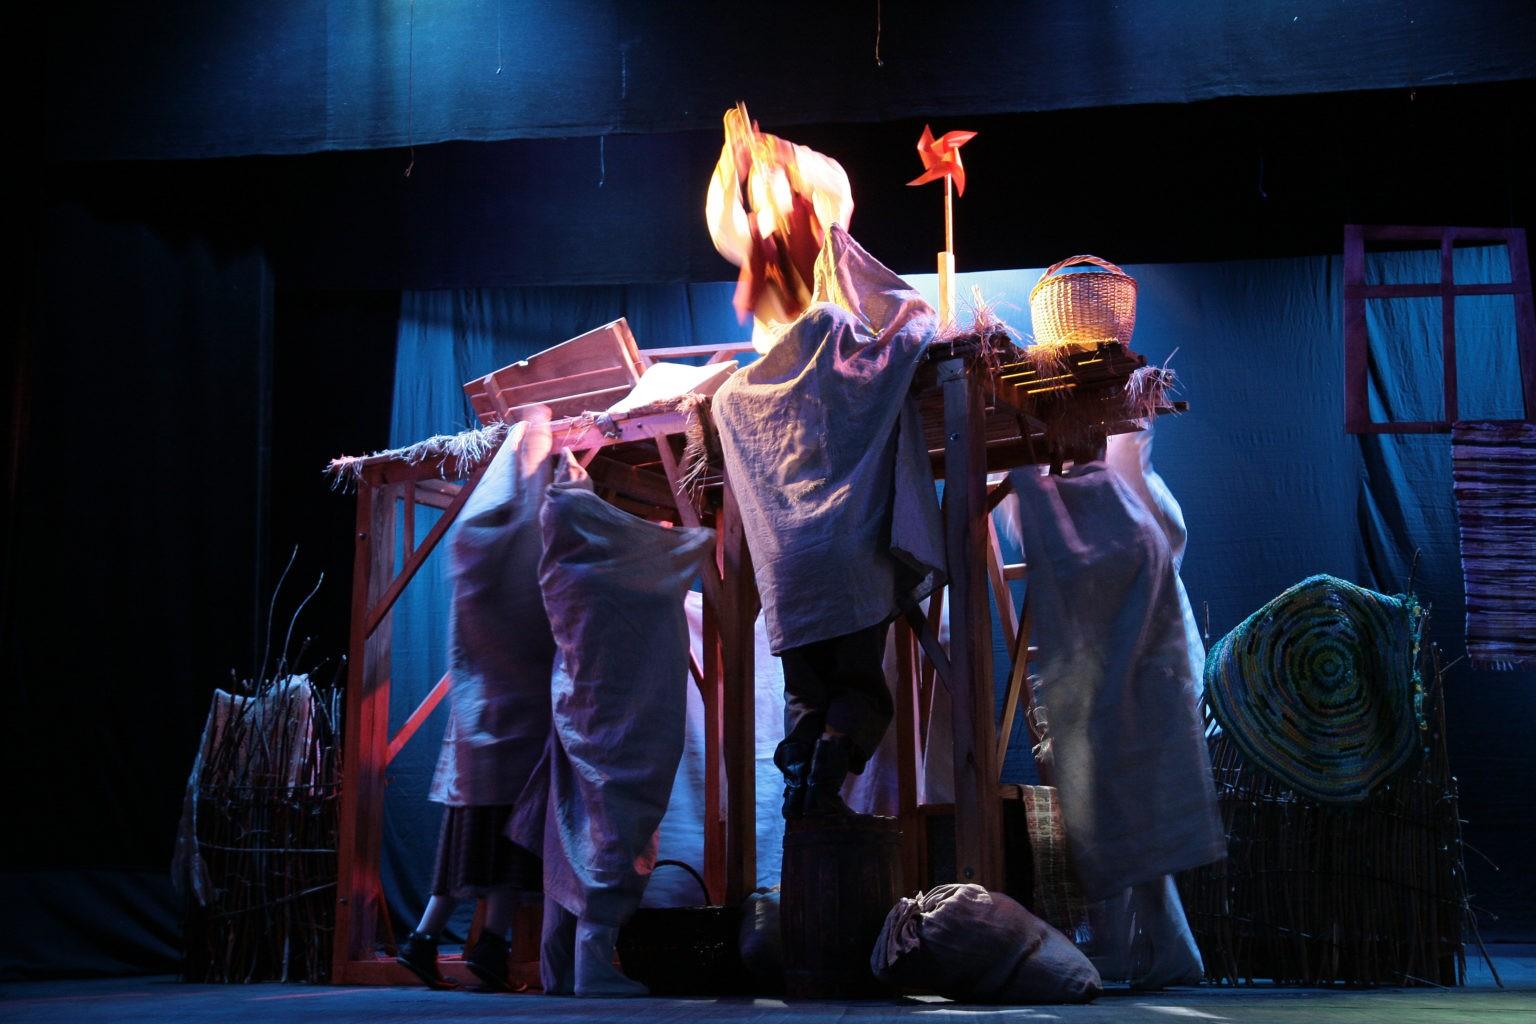 Сцена из спектакля «Путешествие Нильса с дикими гусями»: фотография